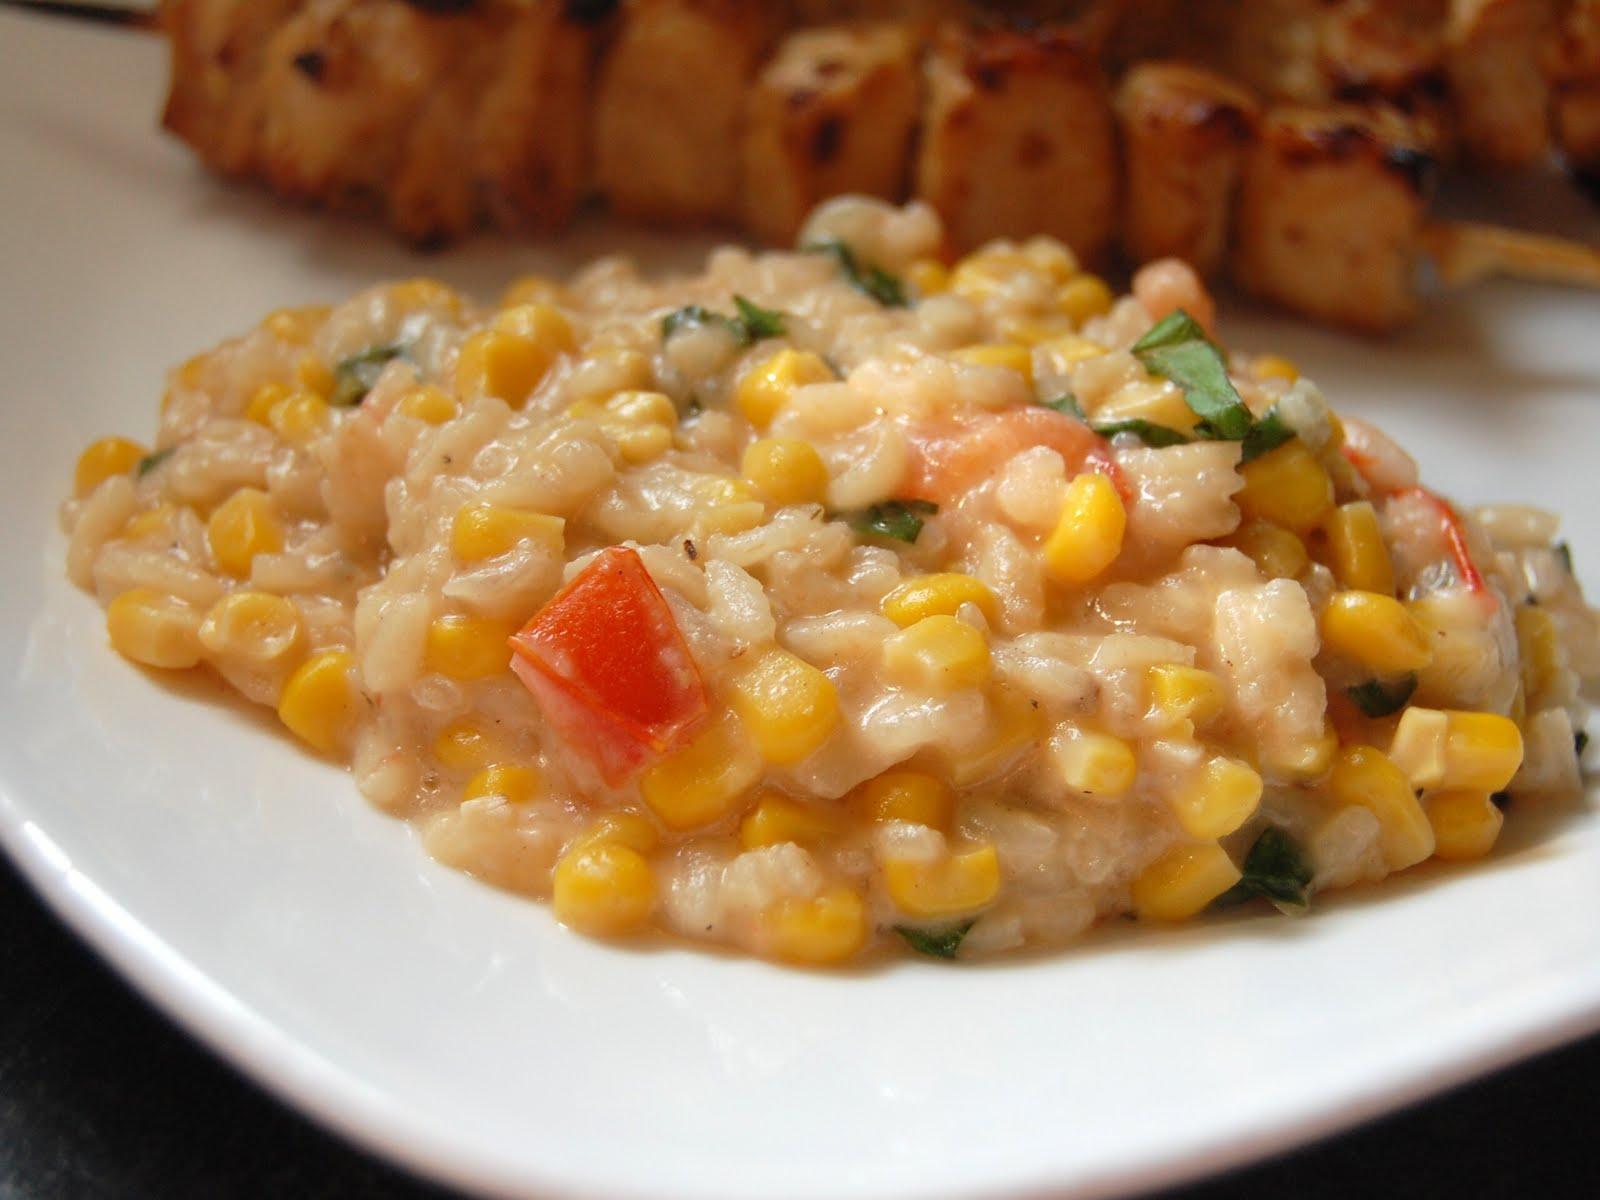 Cassie Craves: Corn and Tomato Risotto